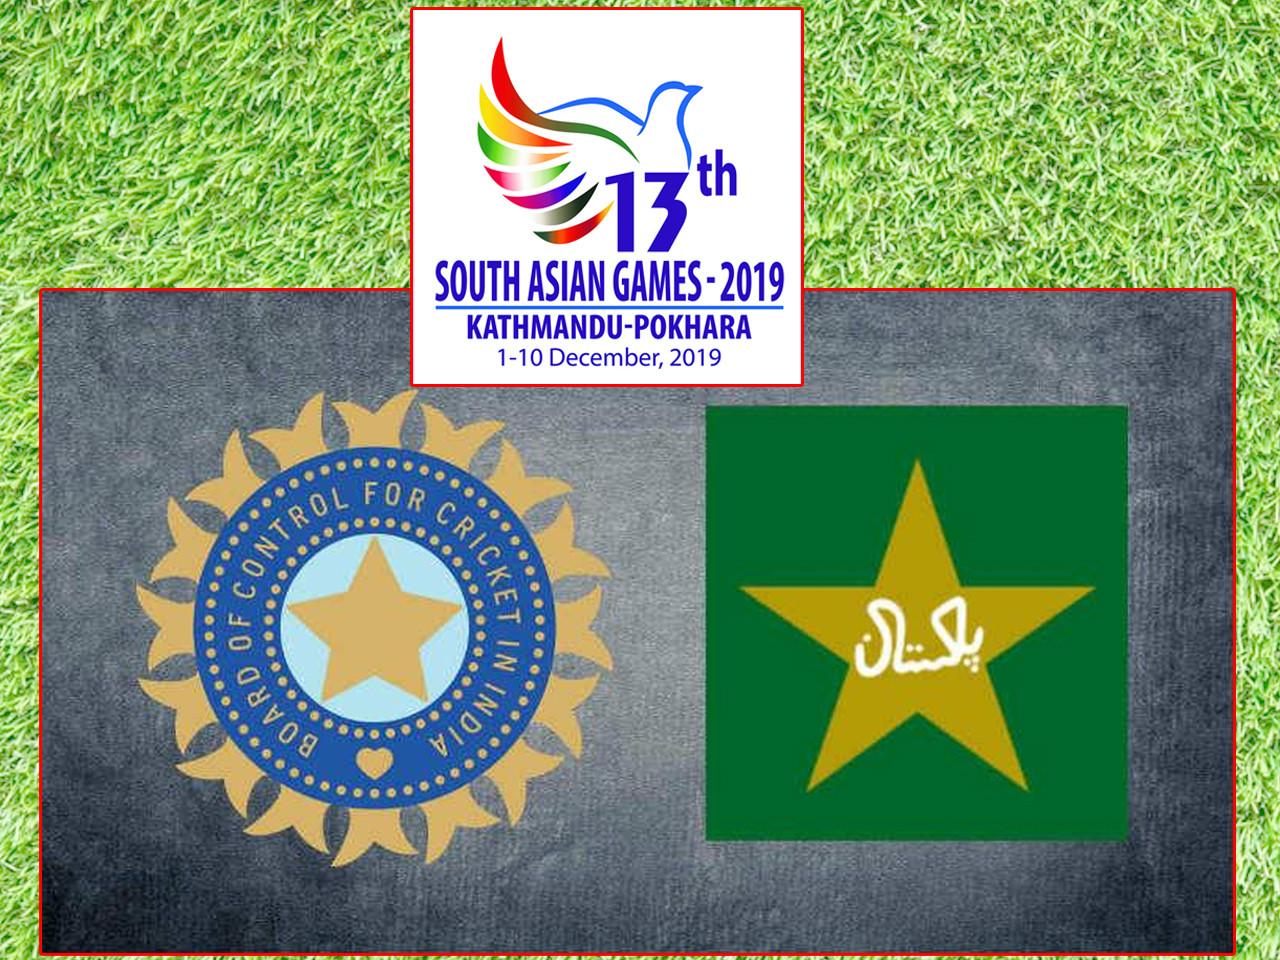 सागमा भारत र पाकिस्तानले क्रिकेट नखेल्ने